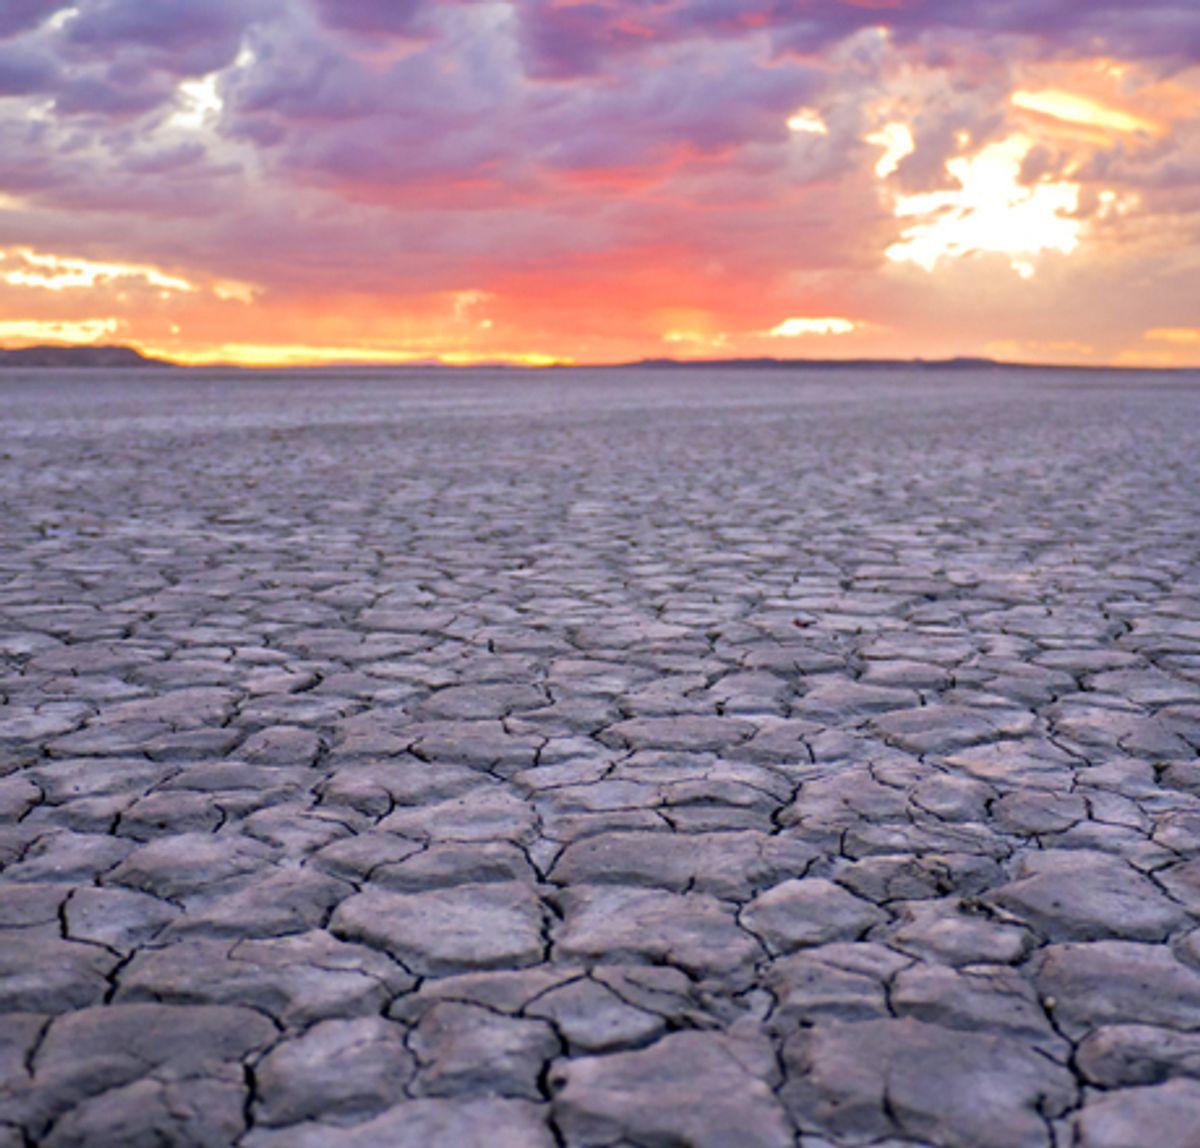 (<a href='http://www.shutterstock.com/gallery-72655p1.html'>Brian Weed</a> via <a href='http://www.shutterstock.com/'>Shutterstock</a>)